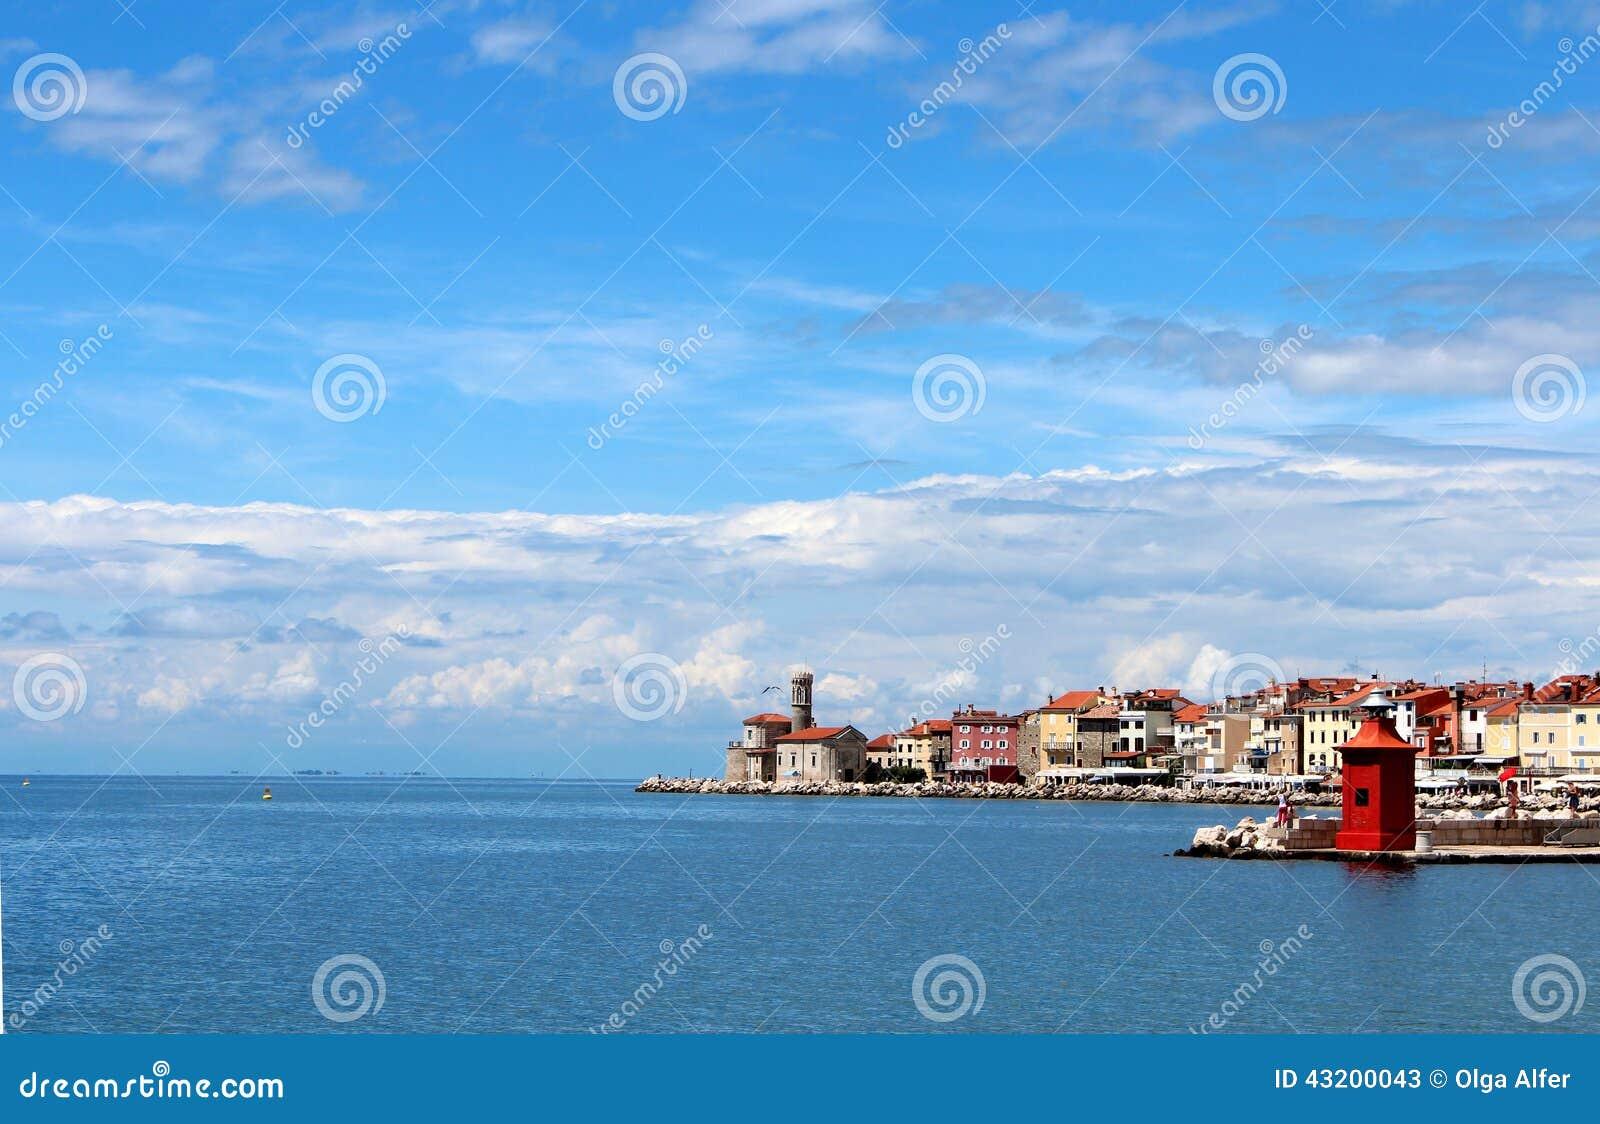 Download Havsstaden fotografering för bildbyråer. Bild av turism - 43200043